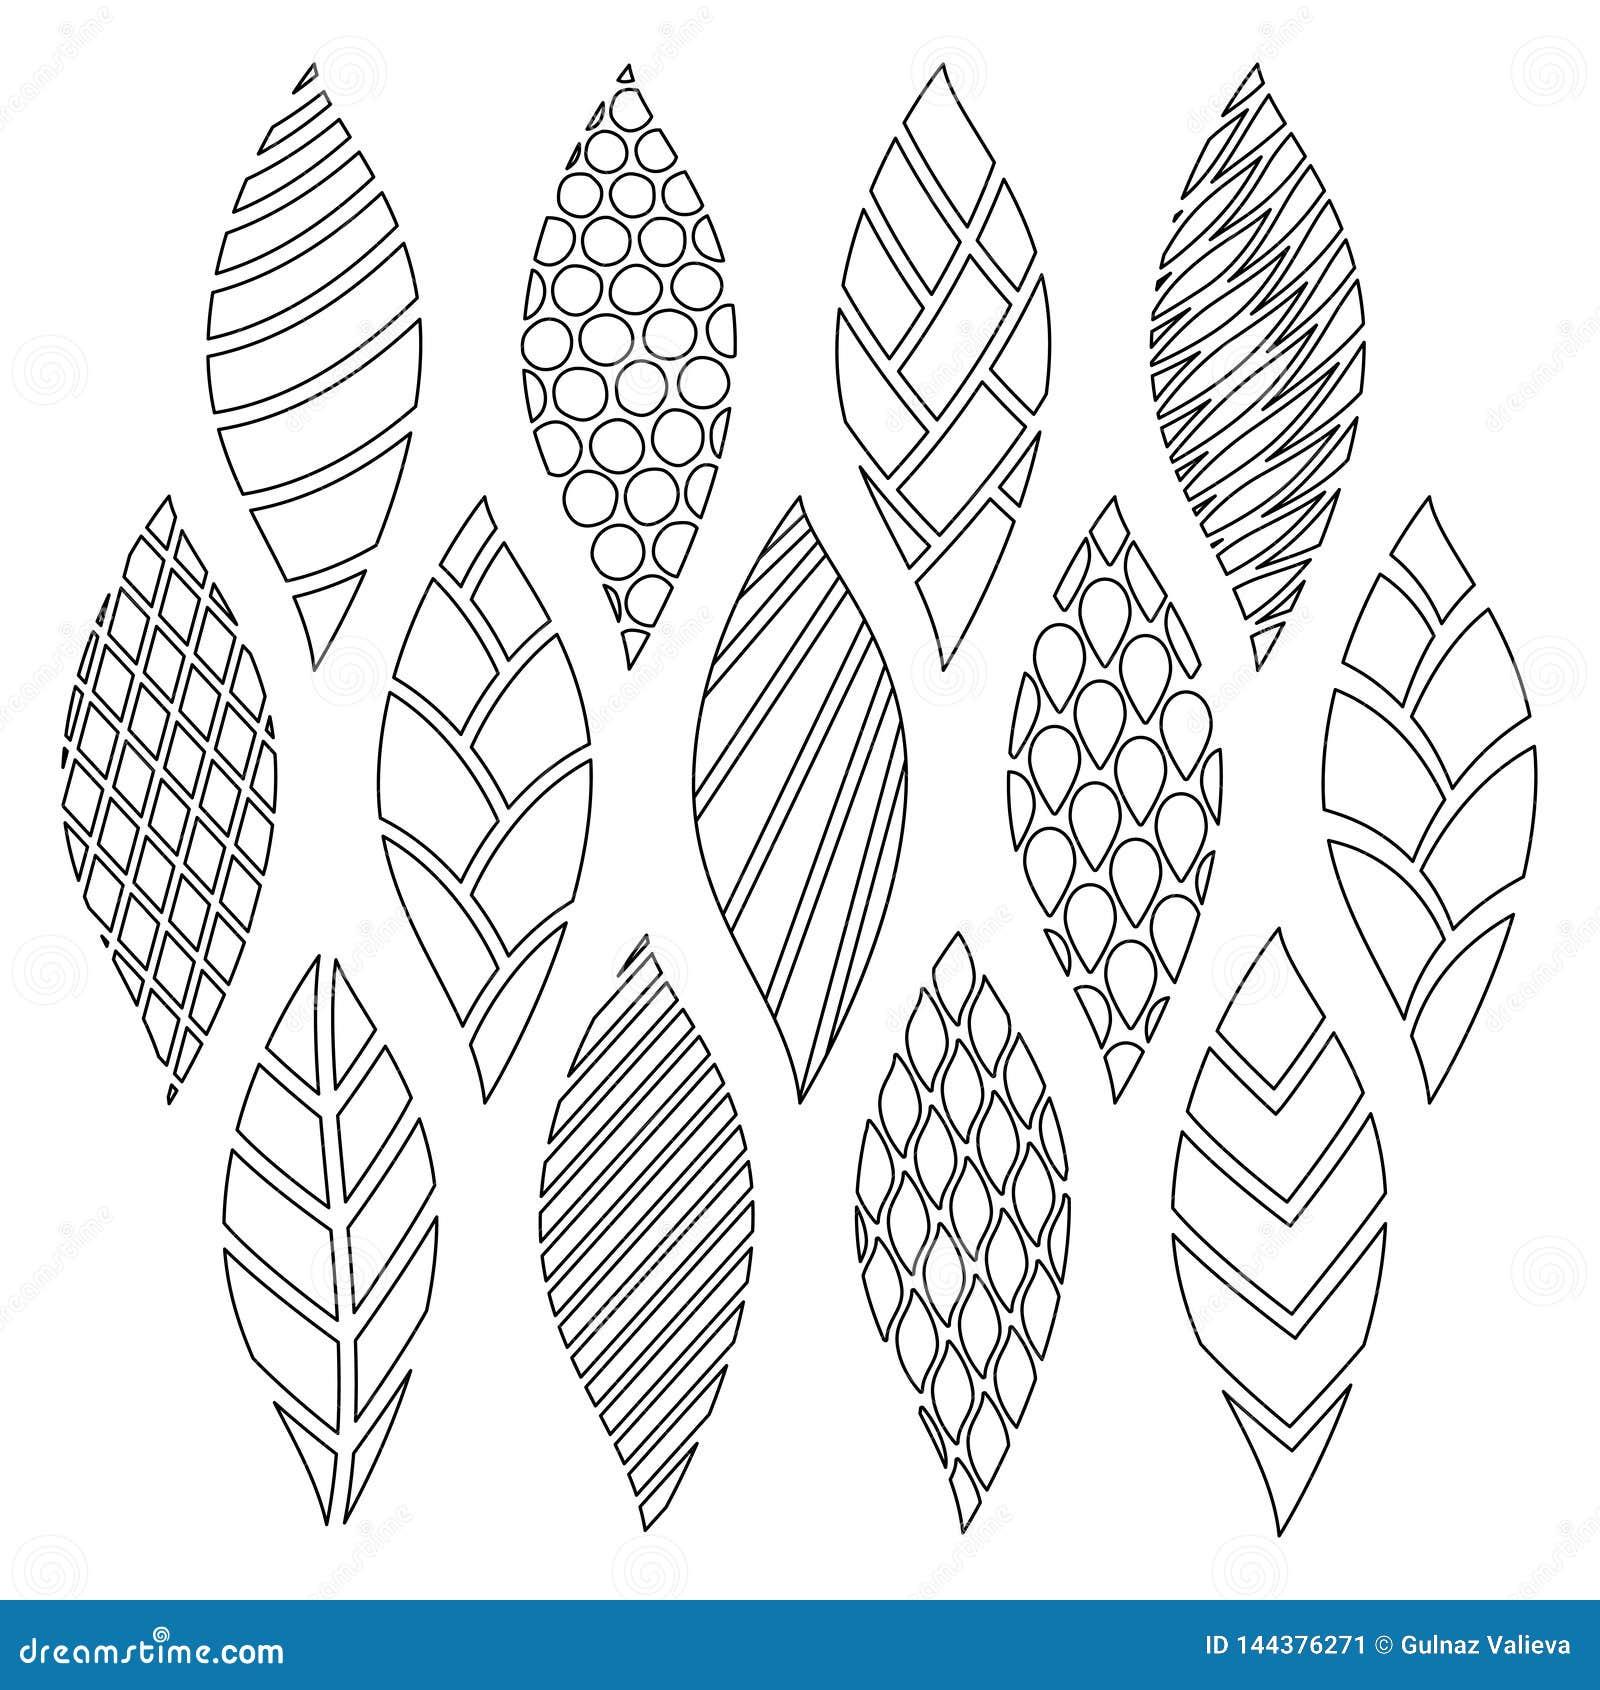 Καλοκαίρι doodles με τα διαφορετικά γεωμετρικά σχέδια